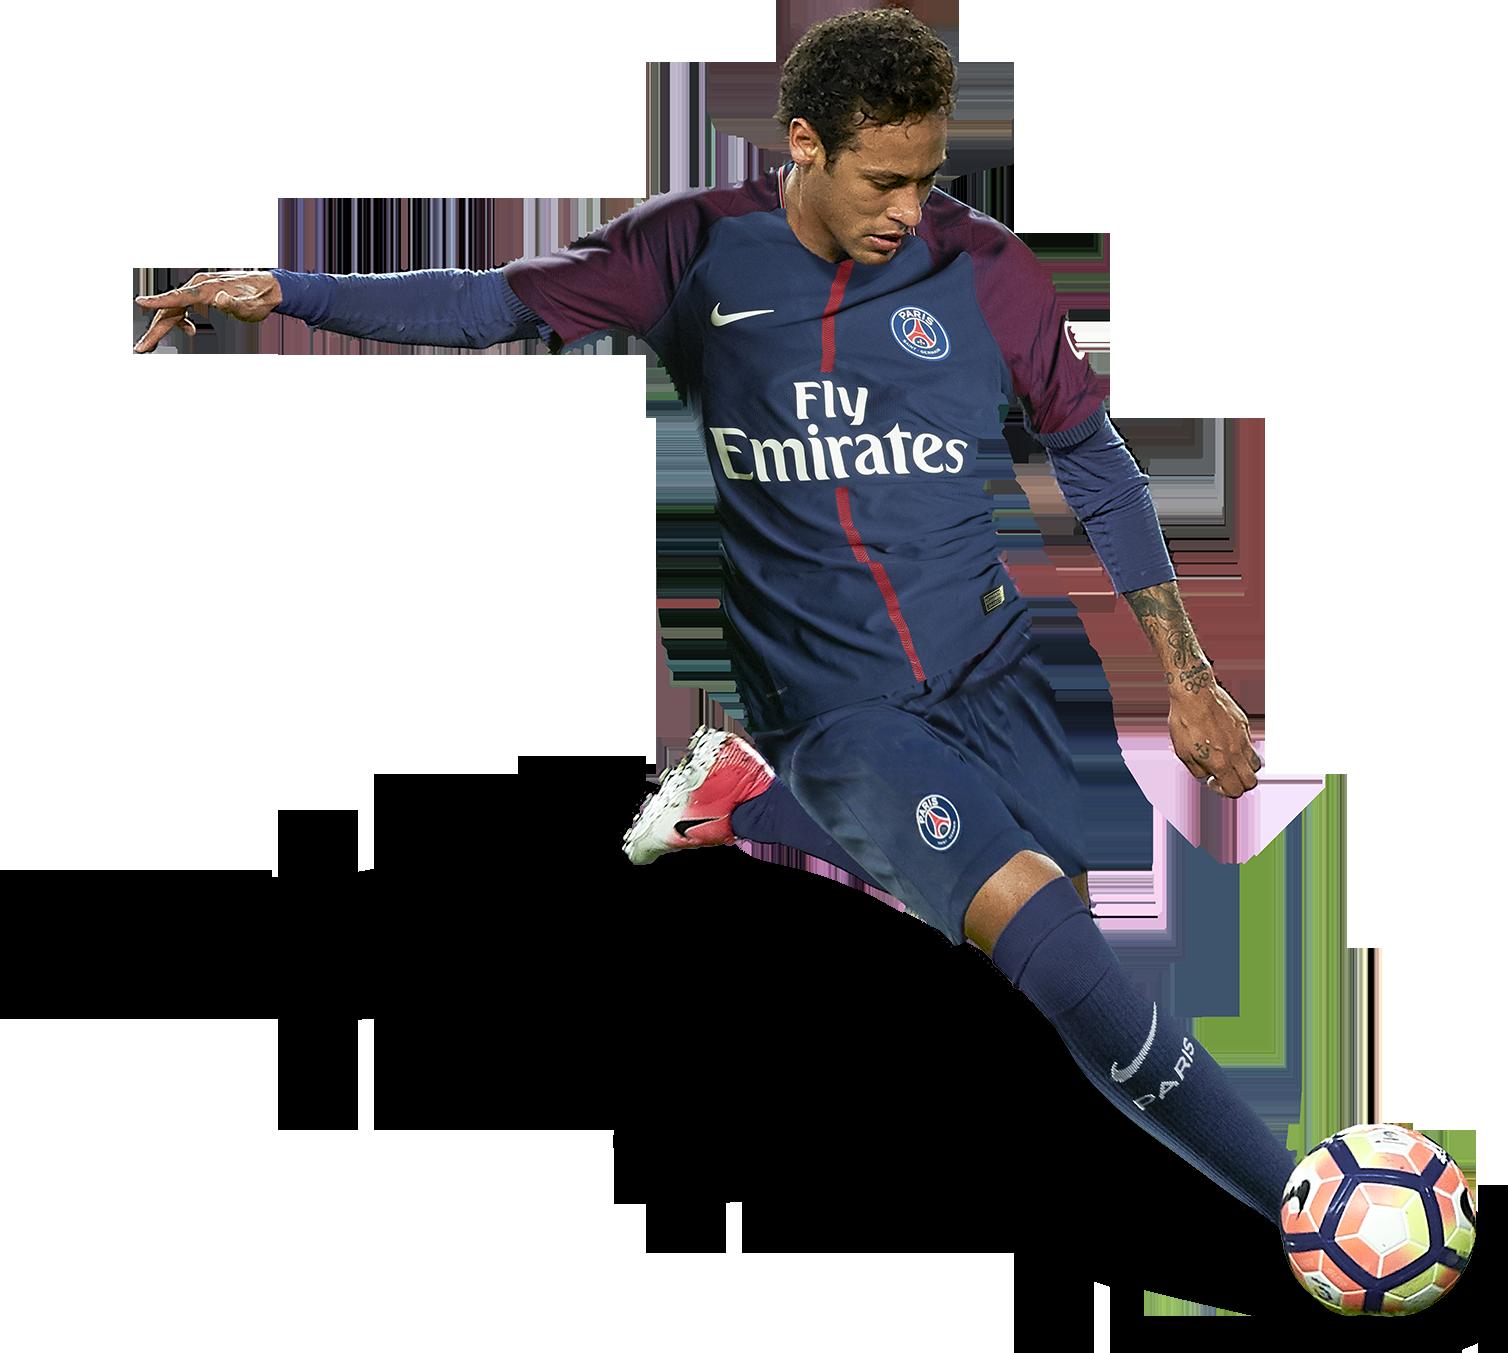 Neymar Football Render Png Pic image #44968